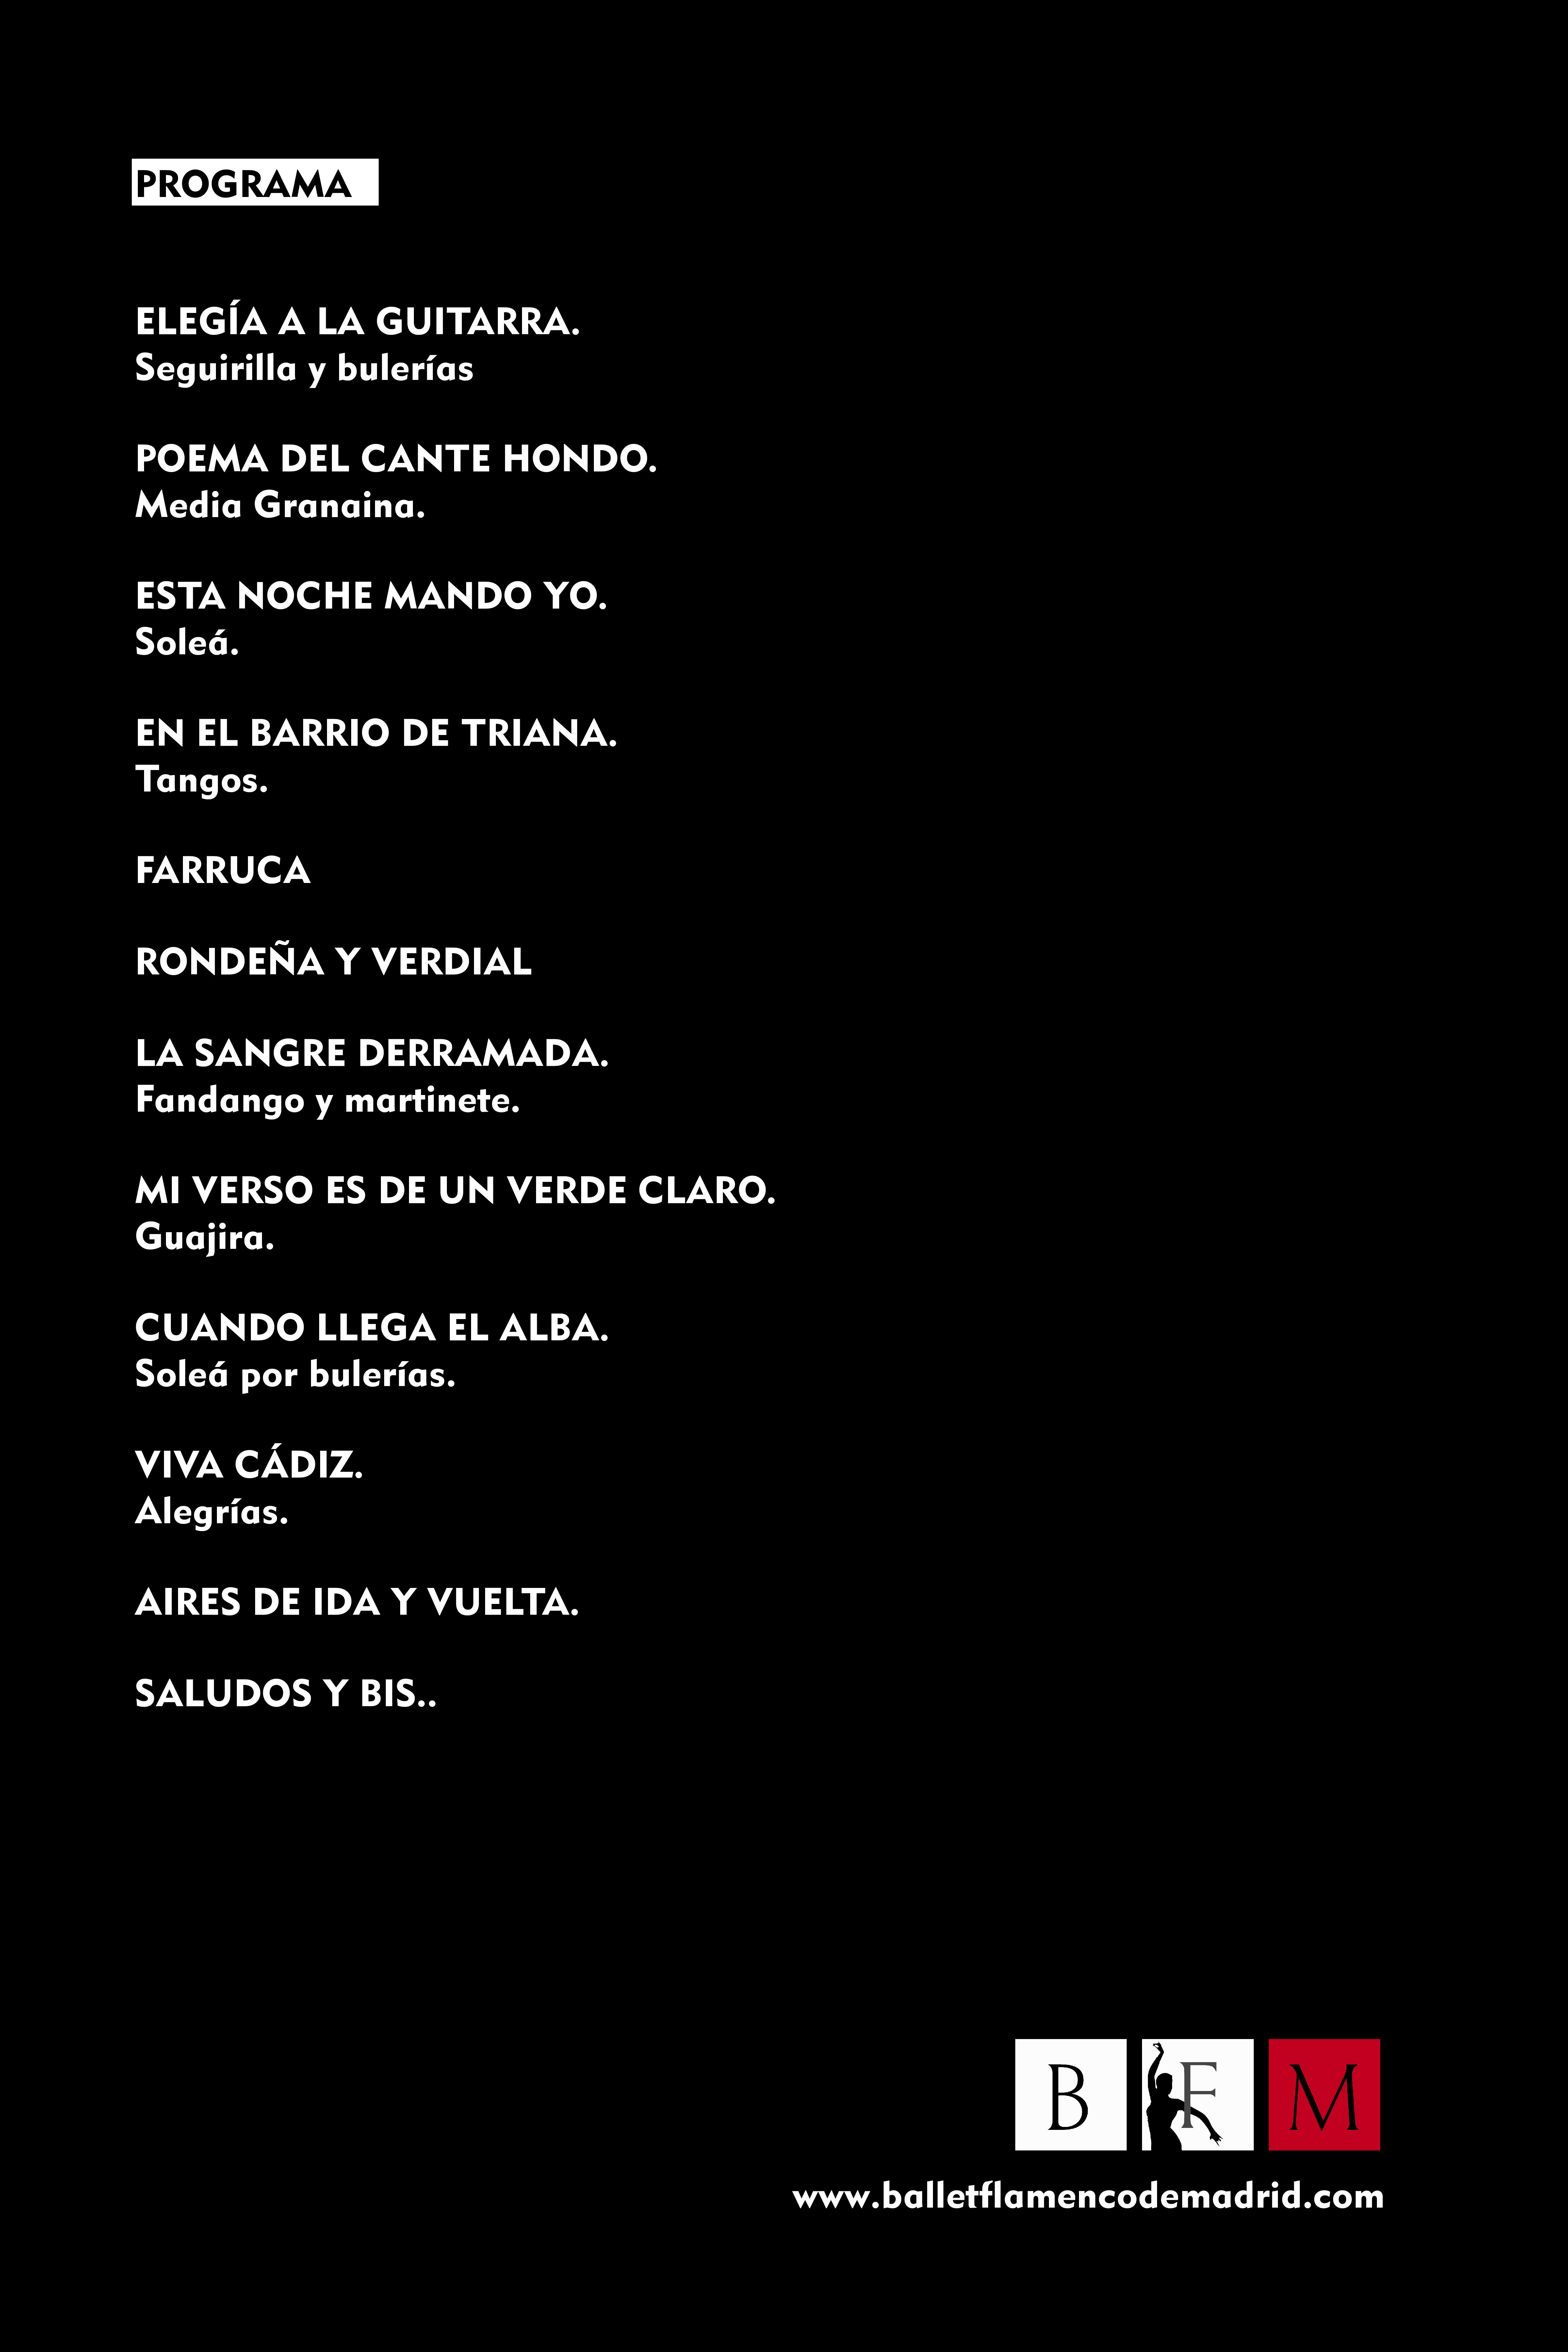 Flamenco_feling_programa